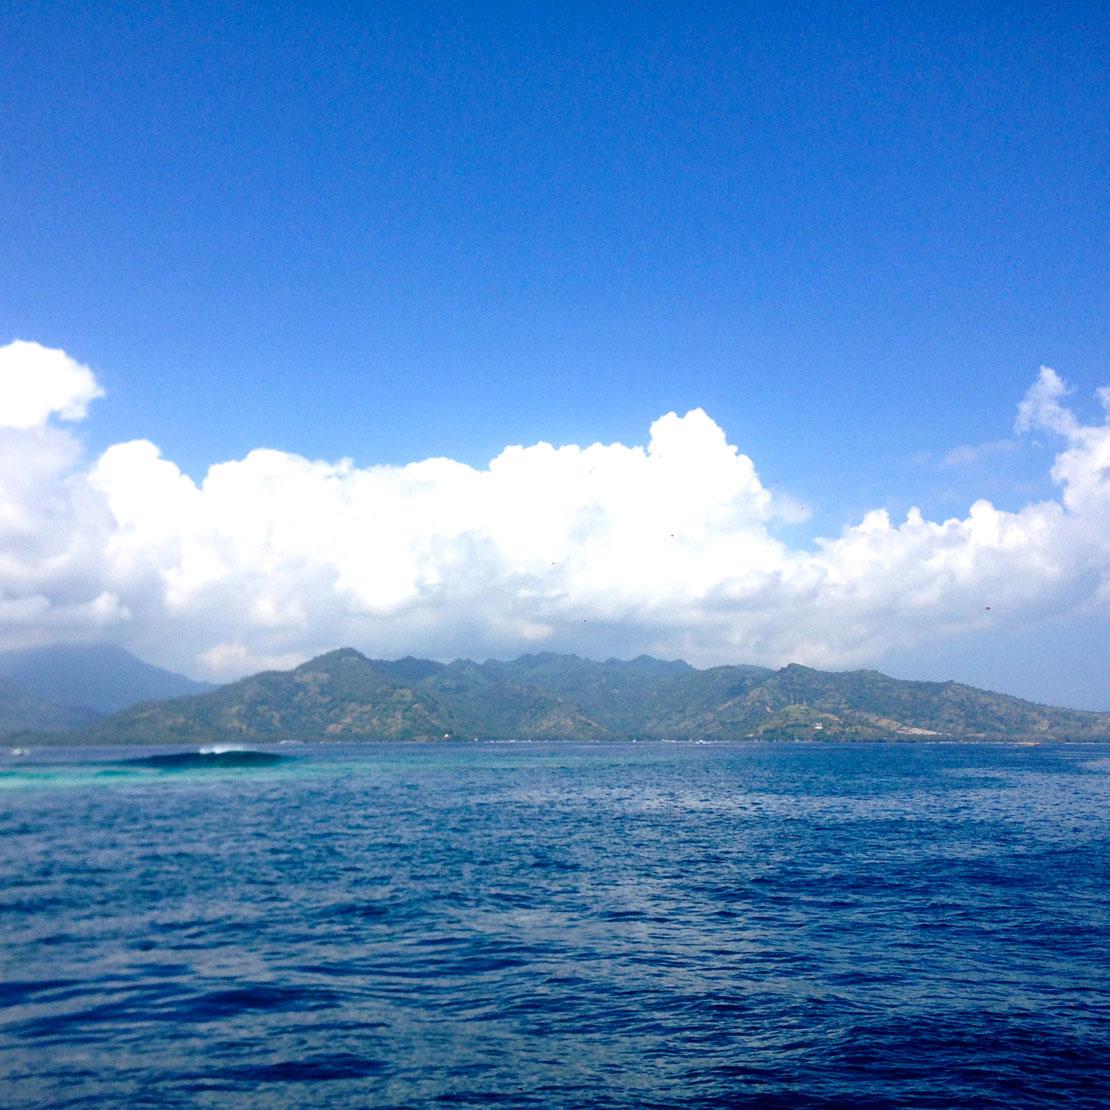 Vacaciones en Bali islas Gili